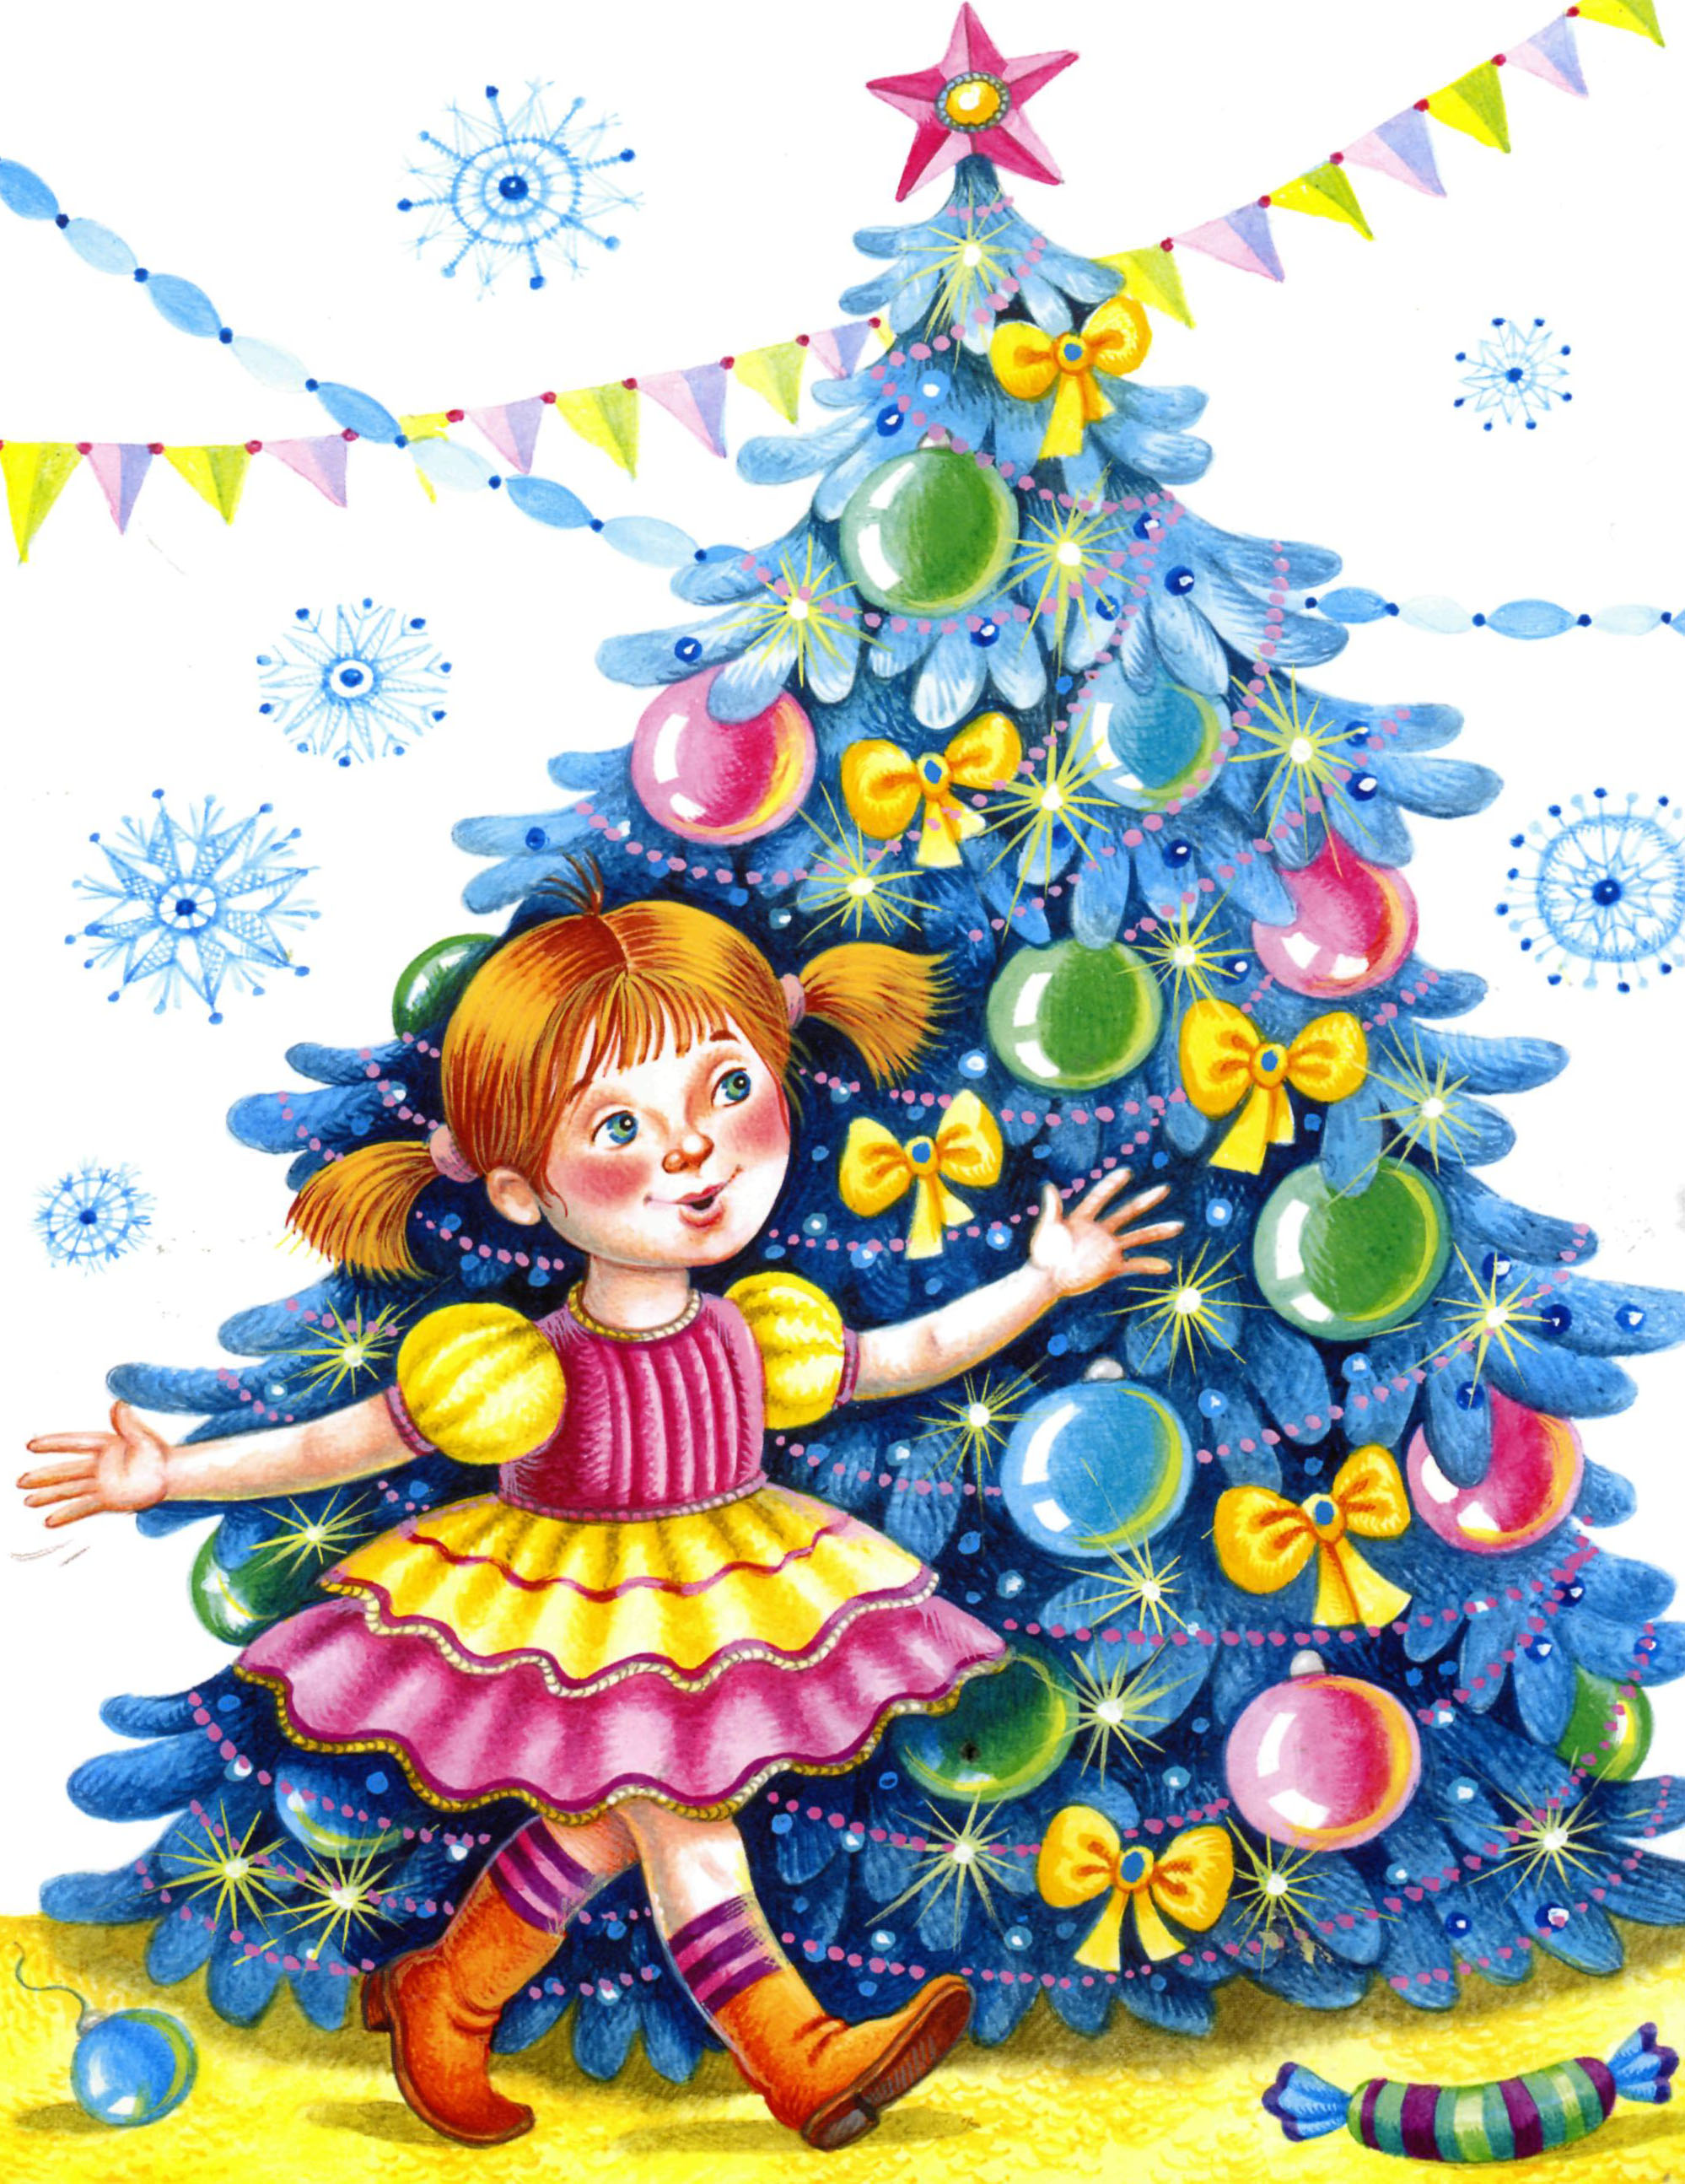 Новогодняя елка - символ Вечной жизни - Power of art: http://kreep-81.livejournal.com/1129032.html